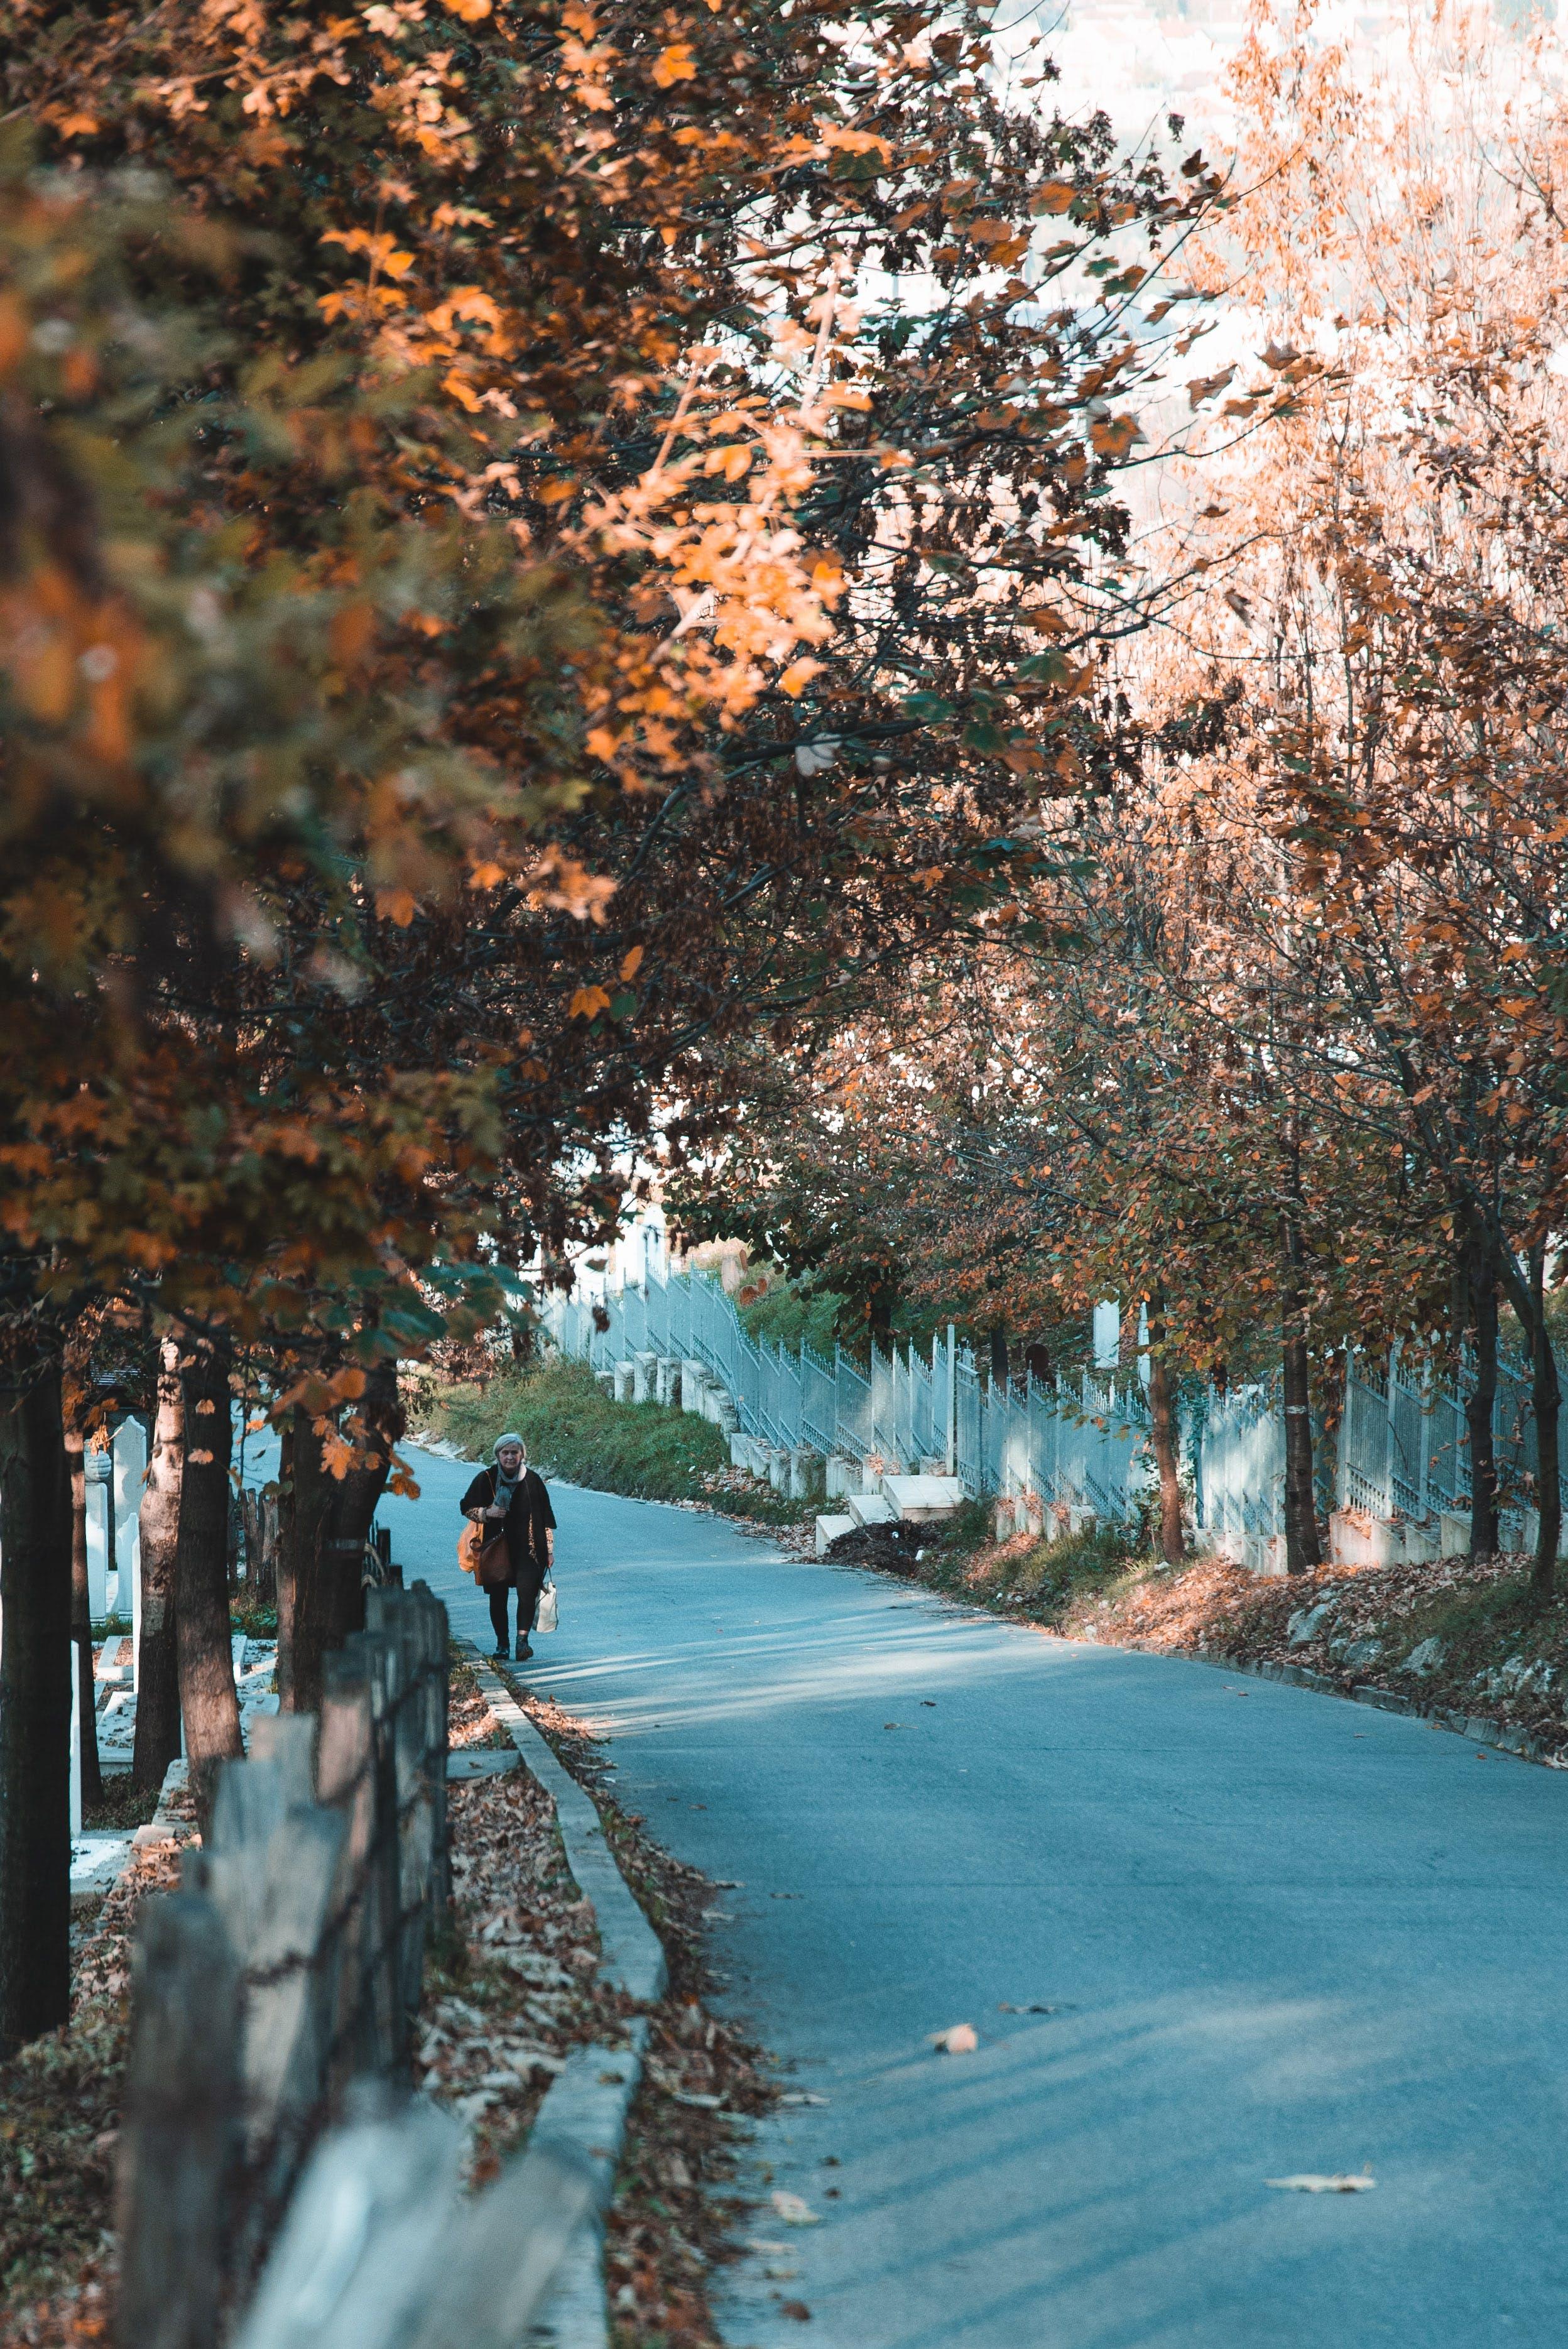 ağaçlar, çevre, gün ışığı, kişi içeren Ücretsiz stok fotoğraf